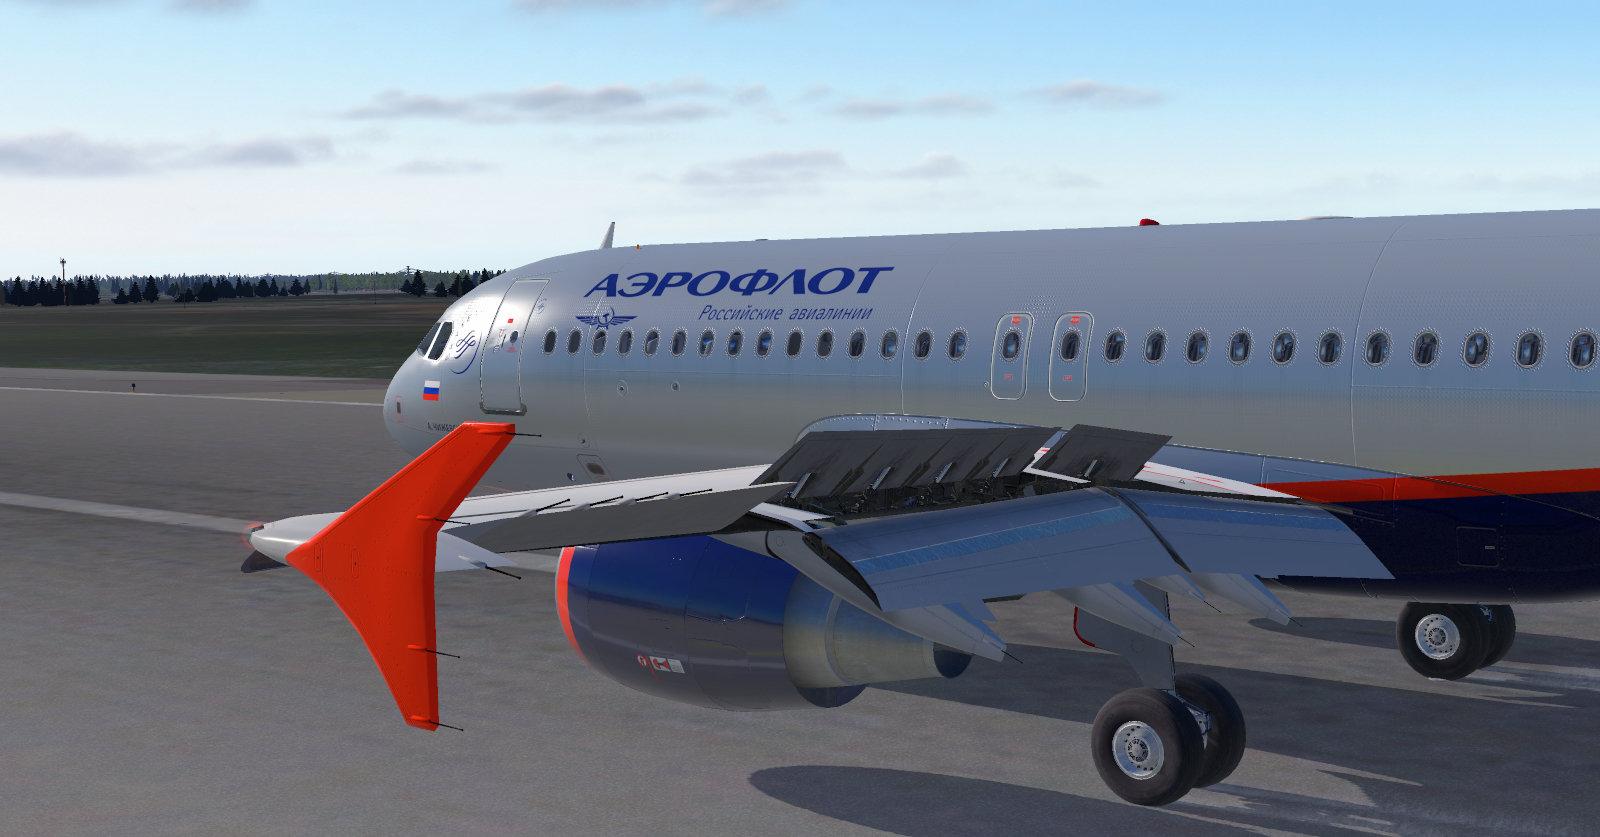 A320h2.jpg.83629e037636e69b5044aba0ff503264.jpg